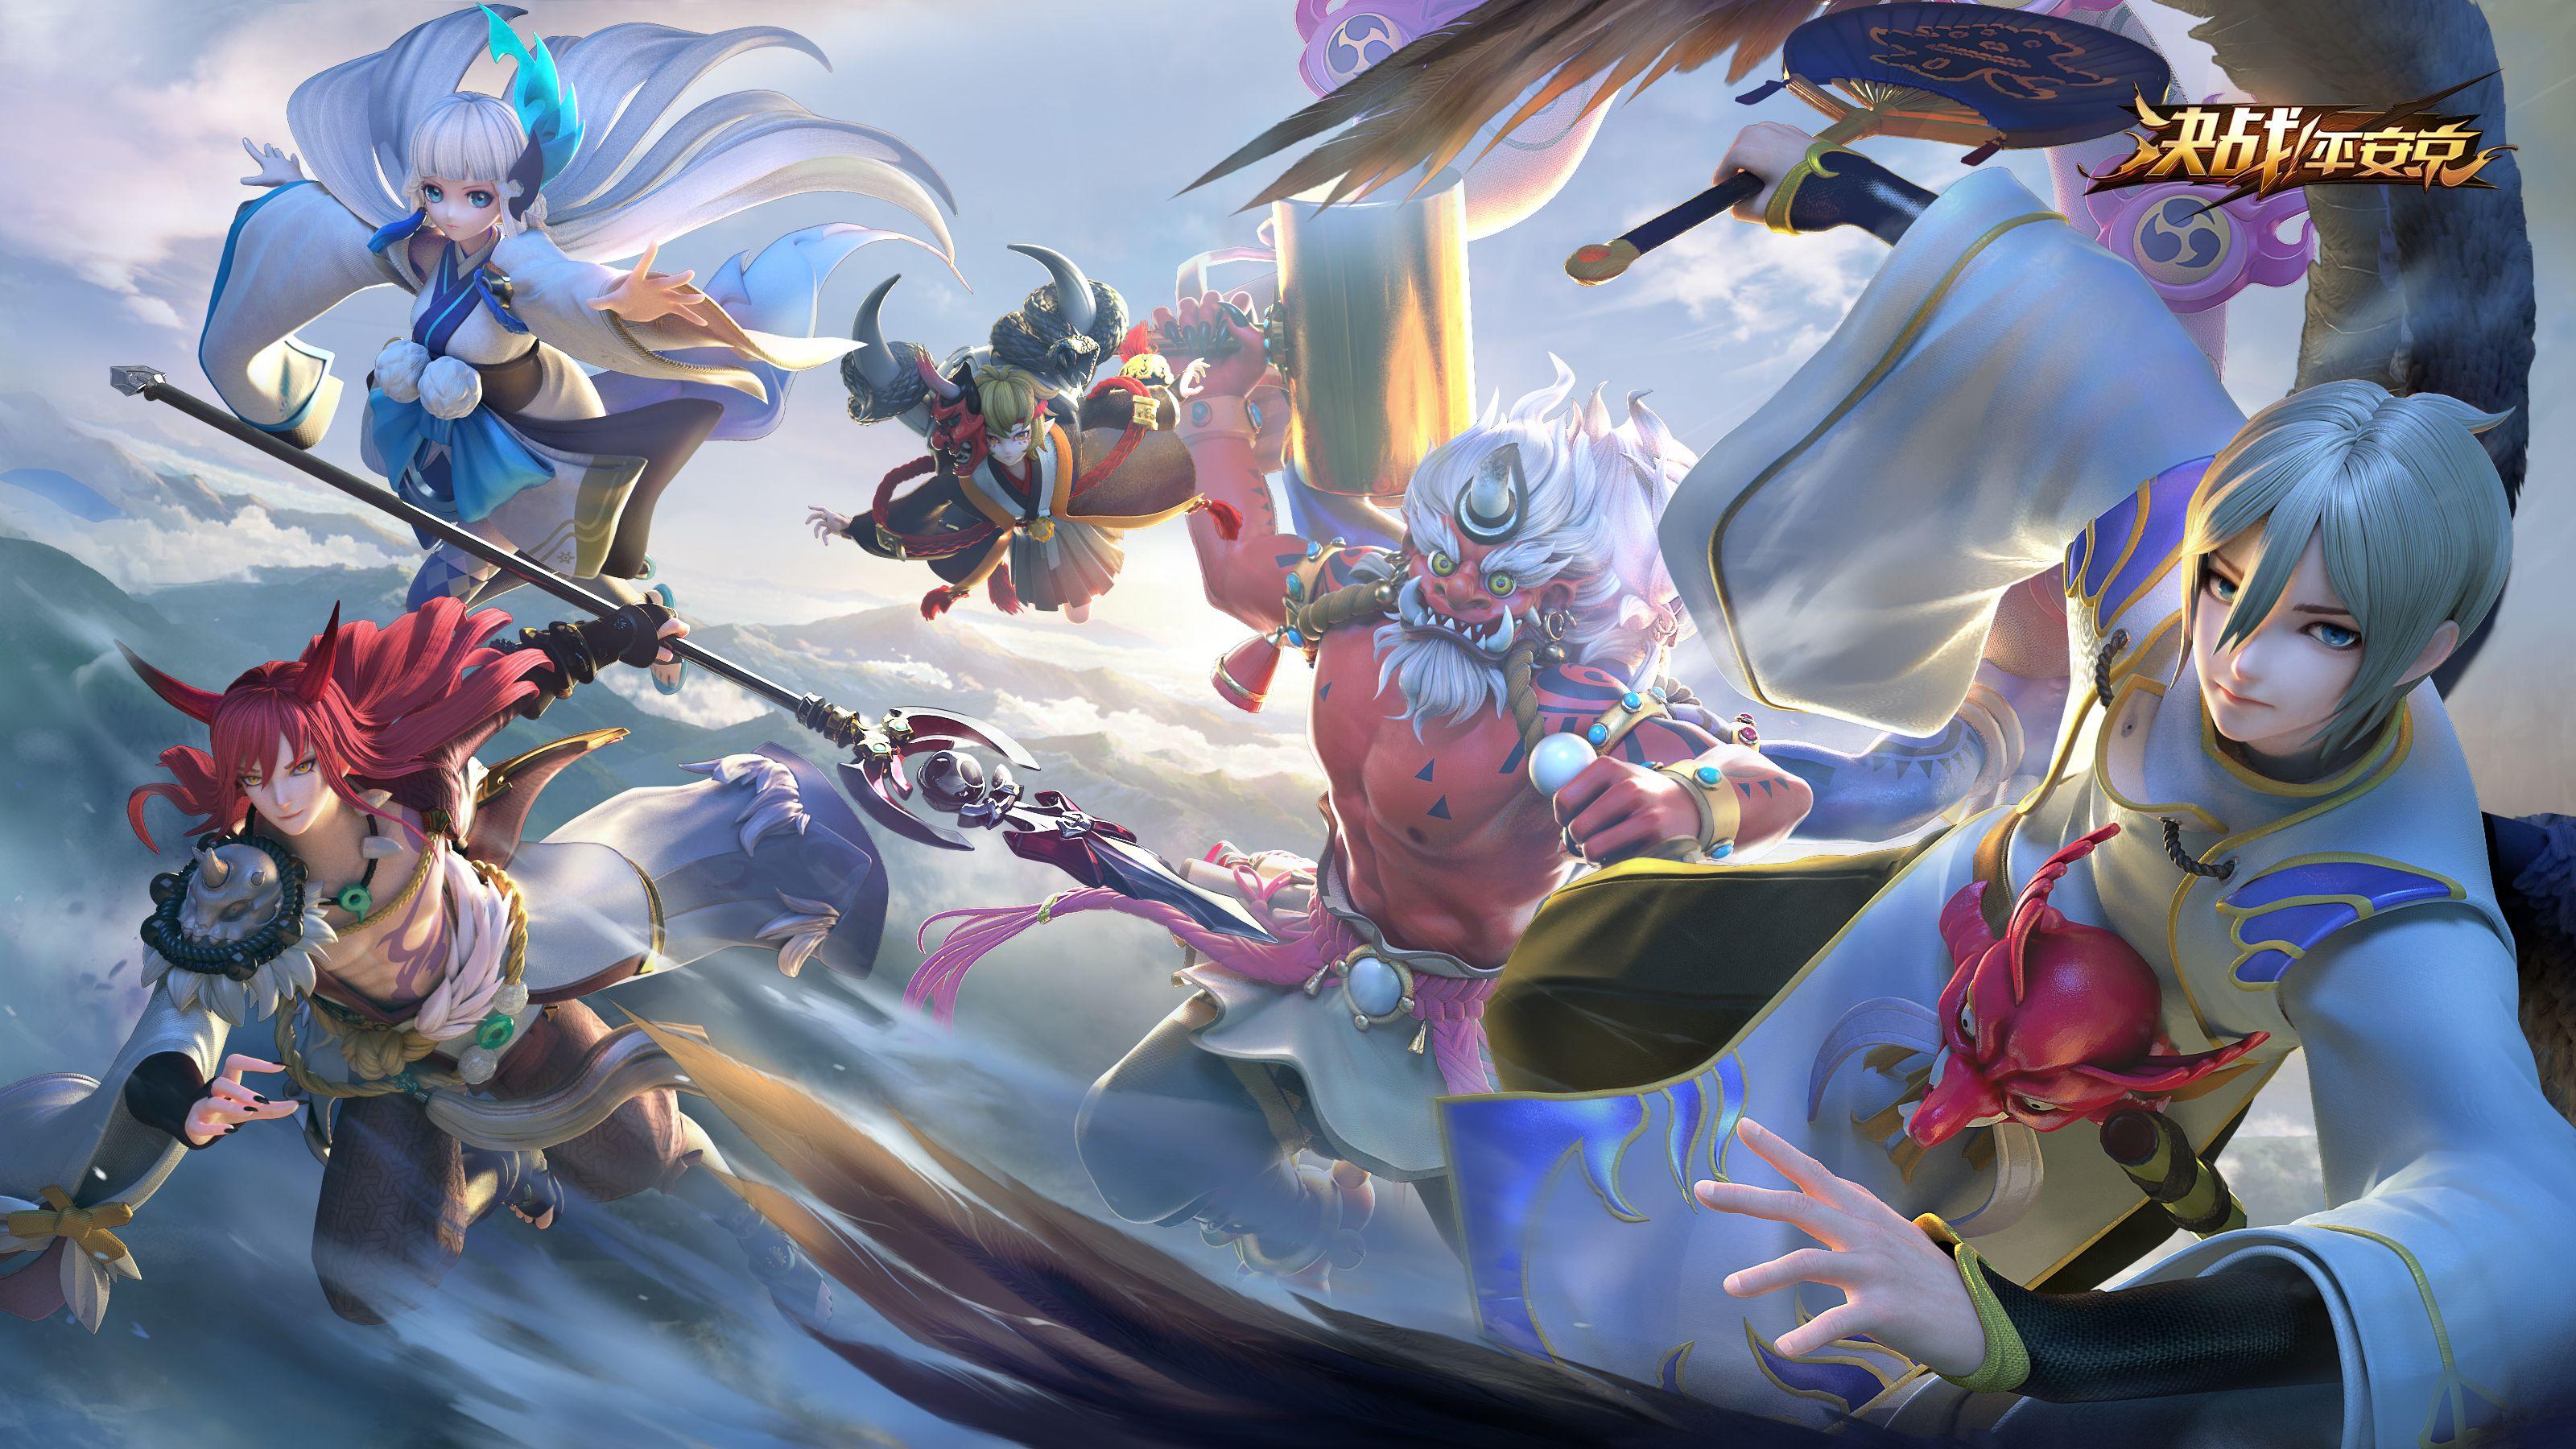 《决战!平安京》手游官网网易顶级MOBA手游 阴阳师IP公平对战手游